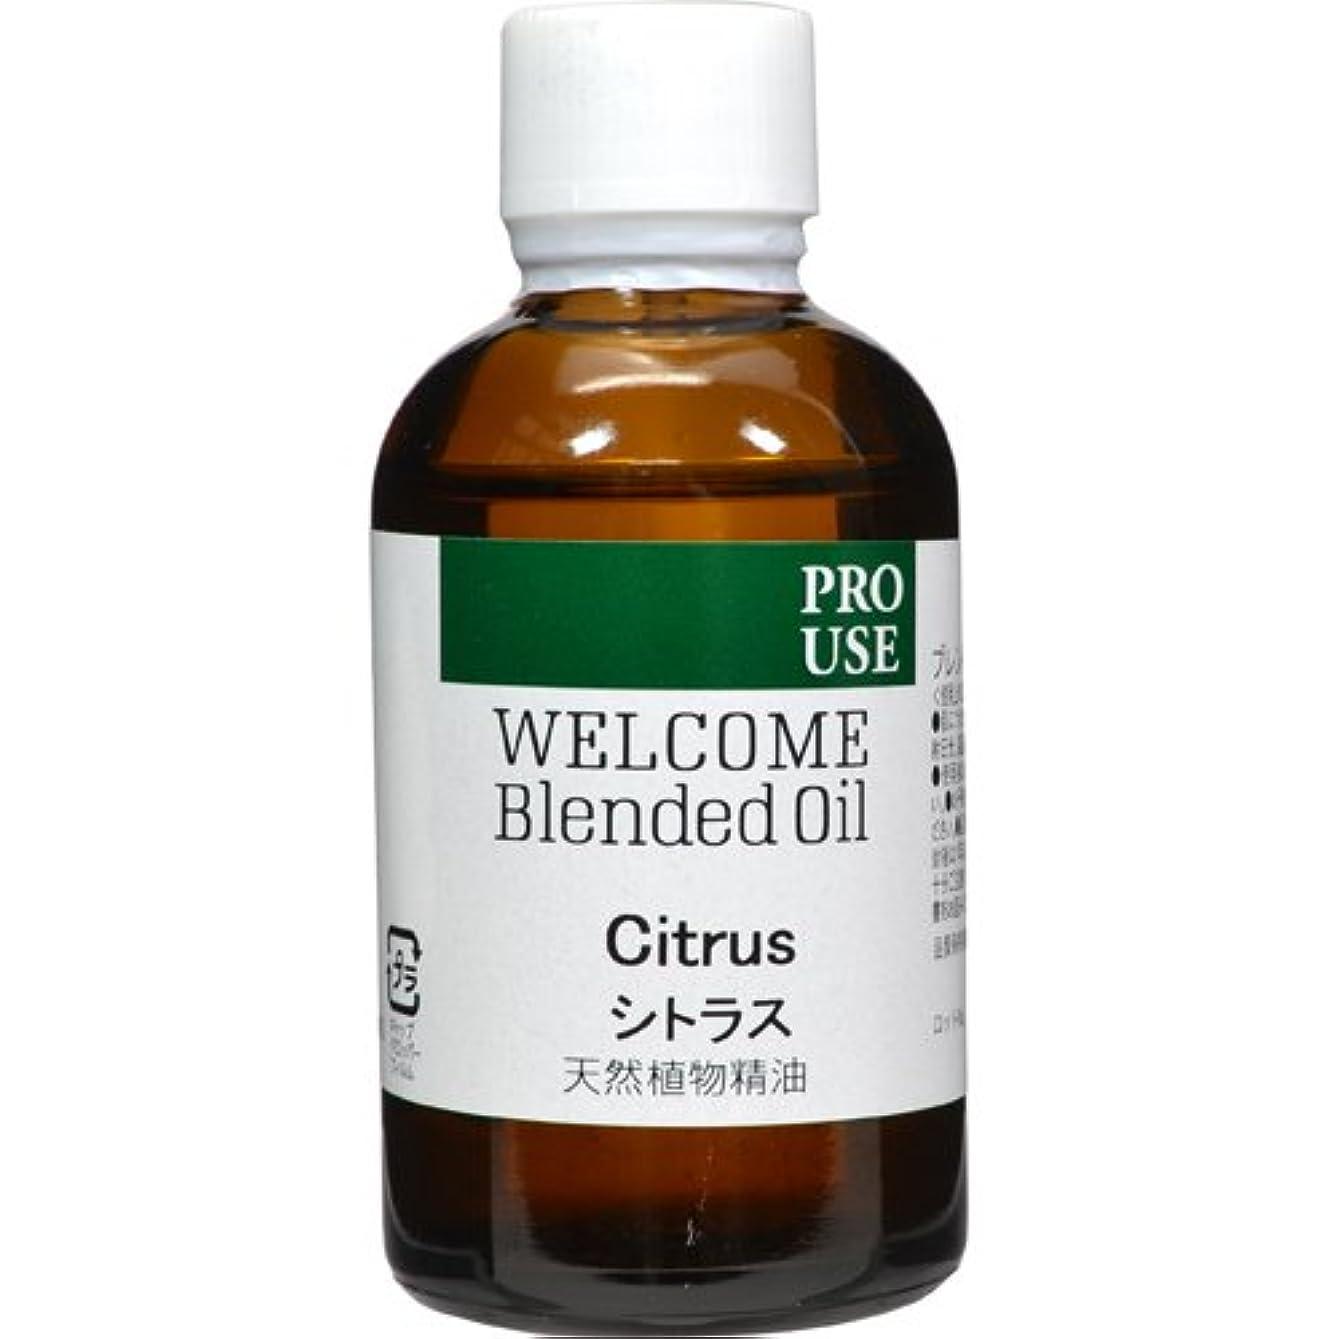 成人期放散する財産ウェルカムブレンド精油 シトラス50ml